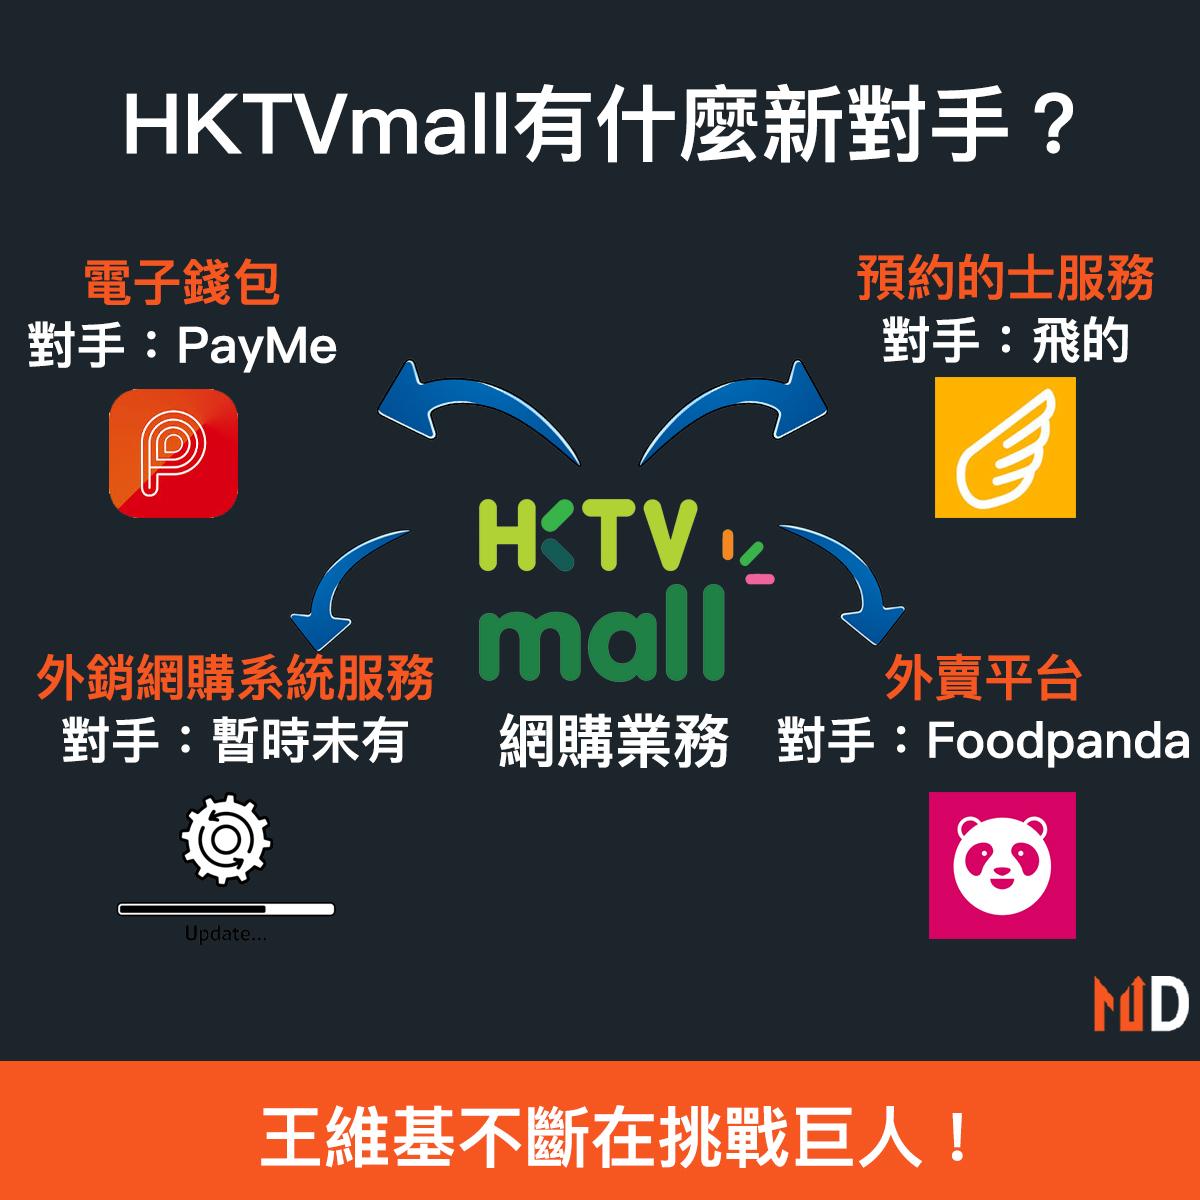 【網購平台】HKTVmall有什麼新對手?